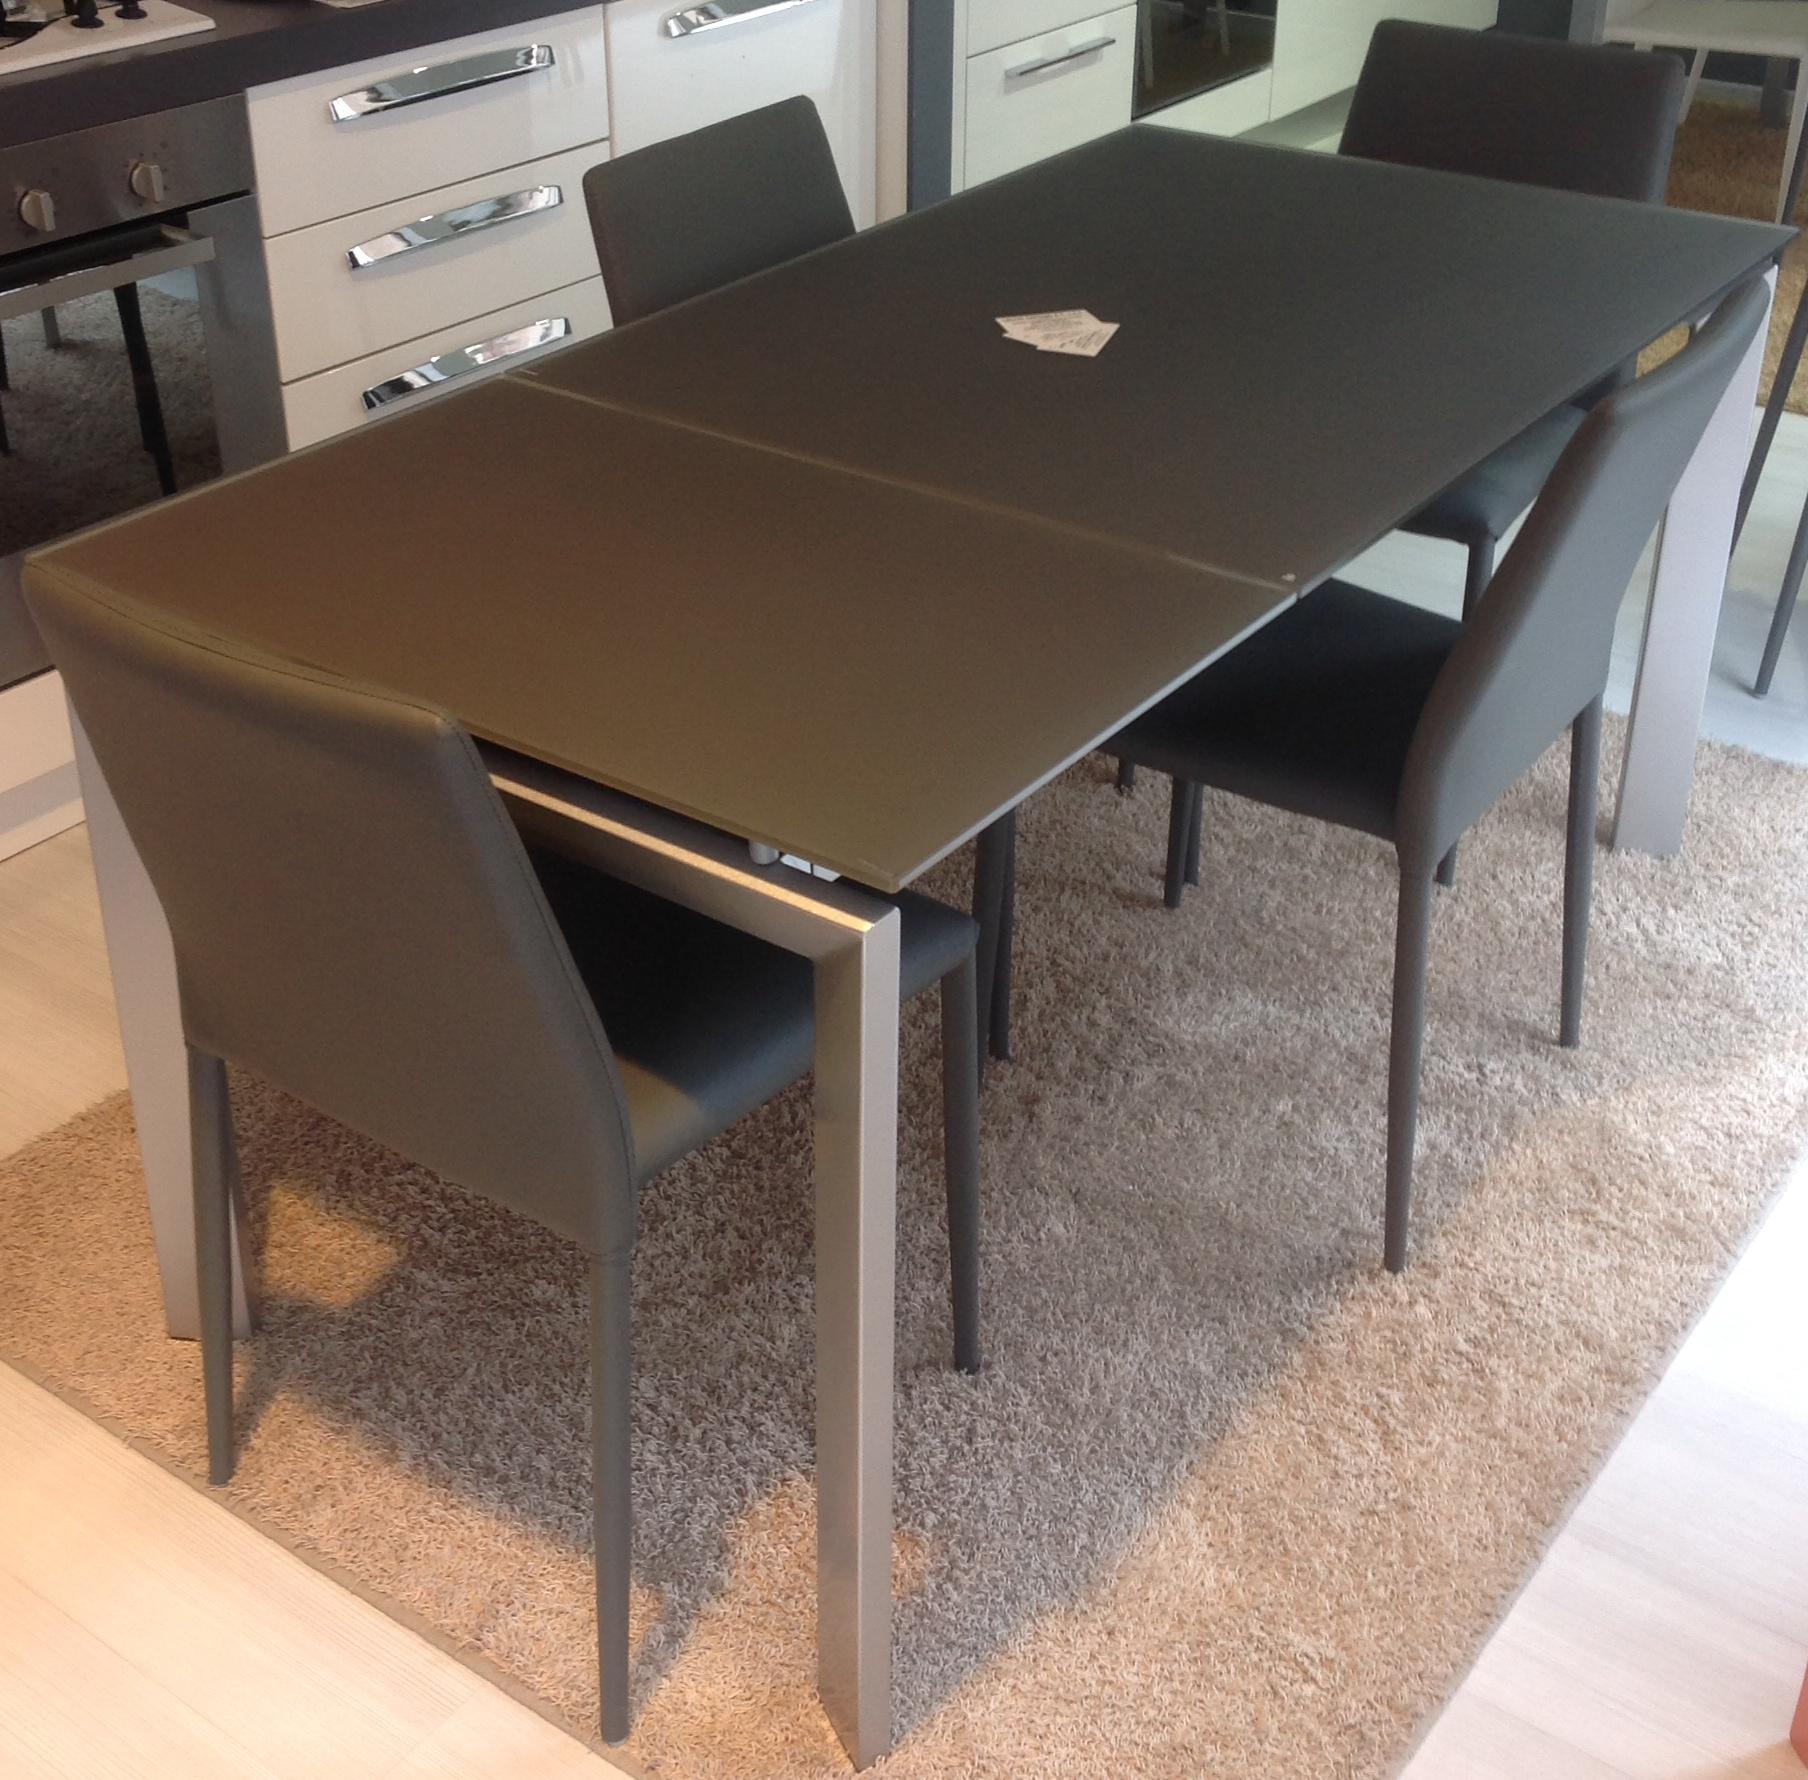 Tavolo rettangolare allungabile modello centauro tavoli - Tavolo rettangolare allungabile ...